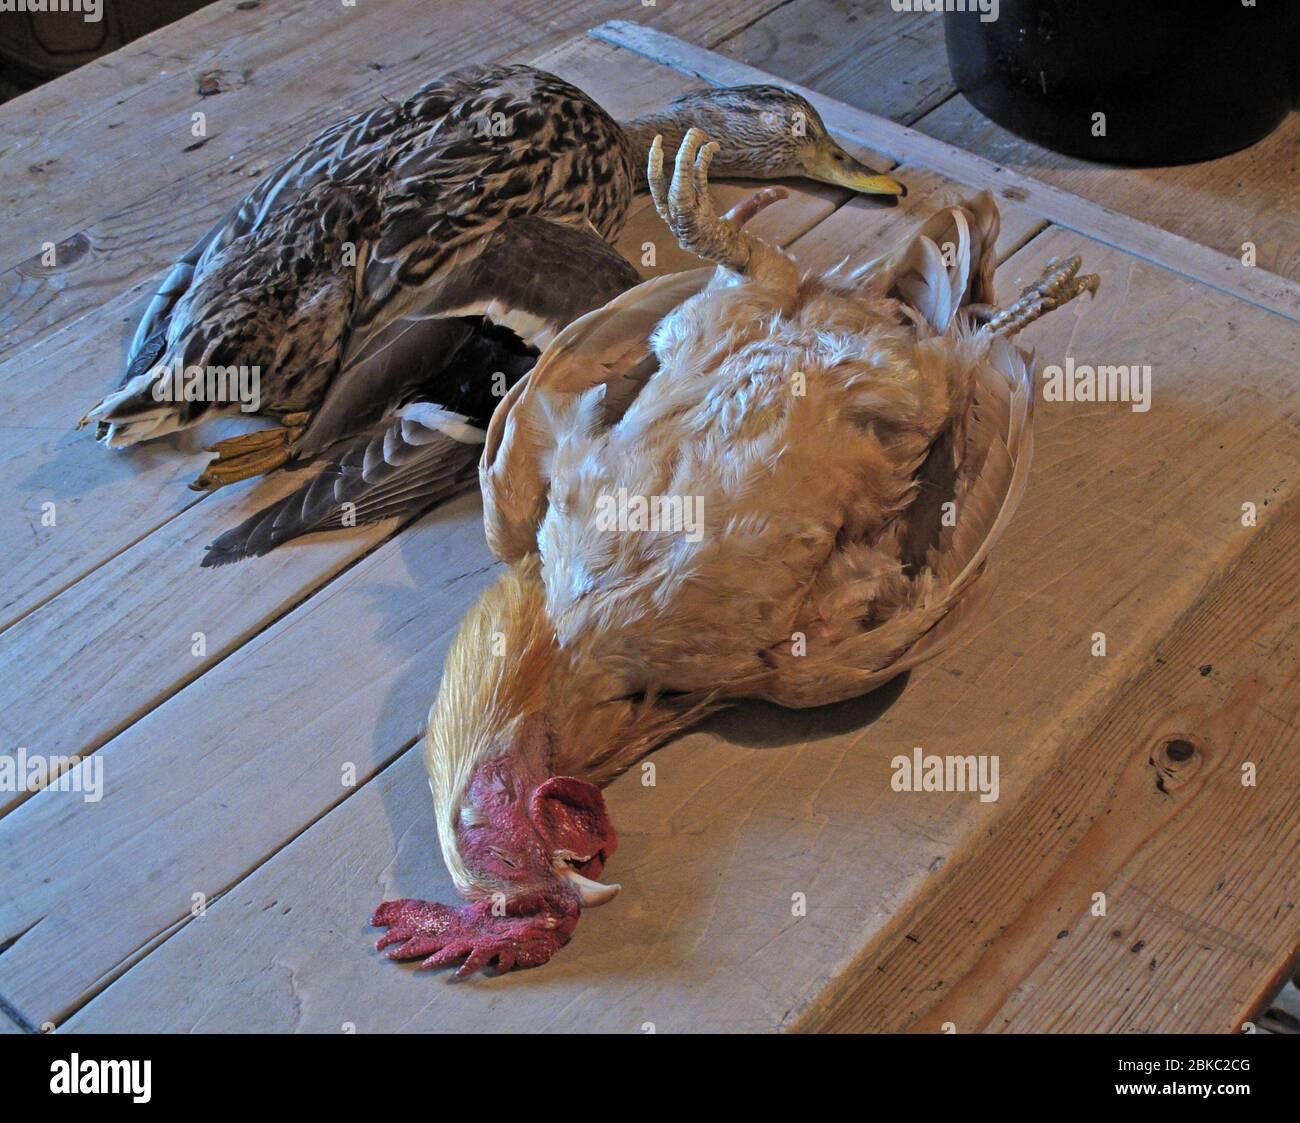 Dieses Stockfoto: Spiel, Ente, Huhn bereit, zum Abendessen vorbereitet werden, in einer großen Küche - 2BKC2C